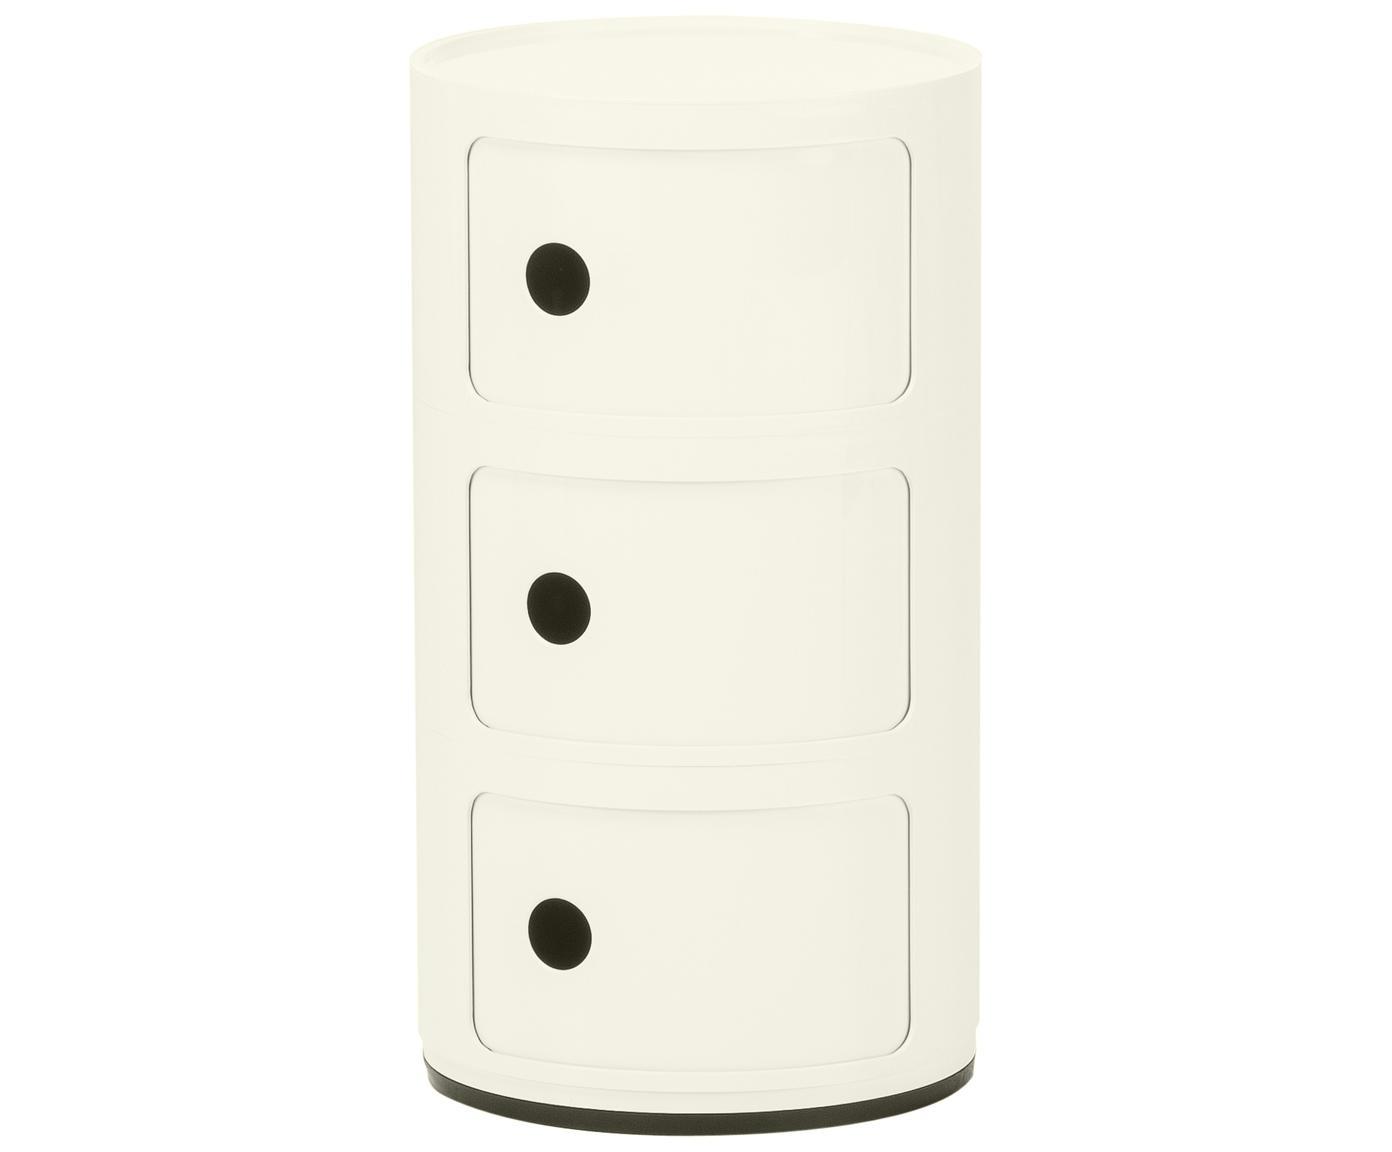 Stolik pomocniczy Componibile, Tworzywo sztuczne, Blat: transparentny Boki i rama: biały, Ø 32 x W 59 cm